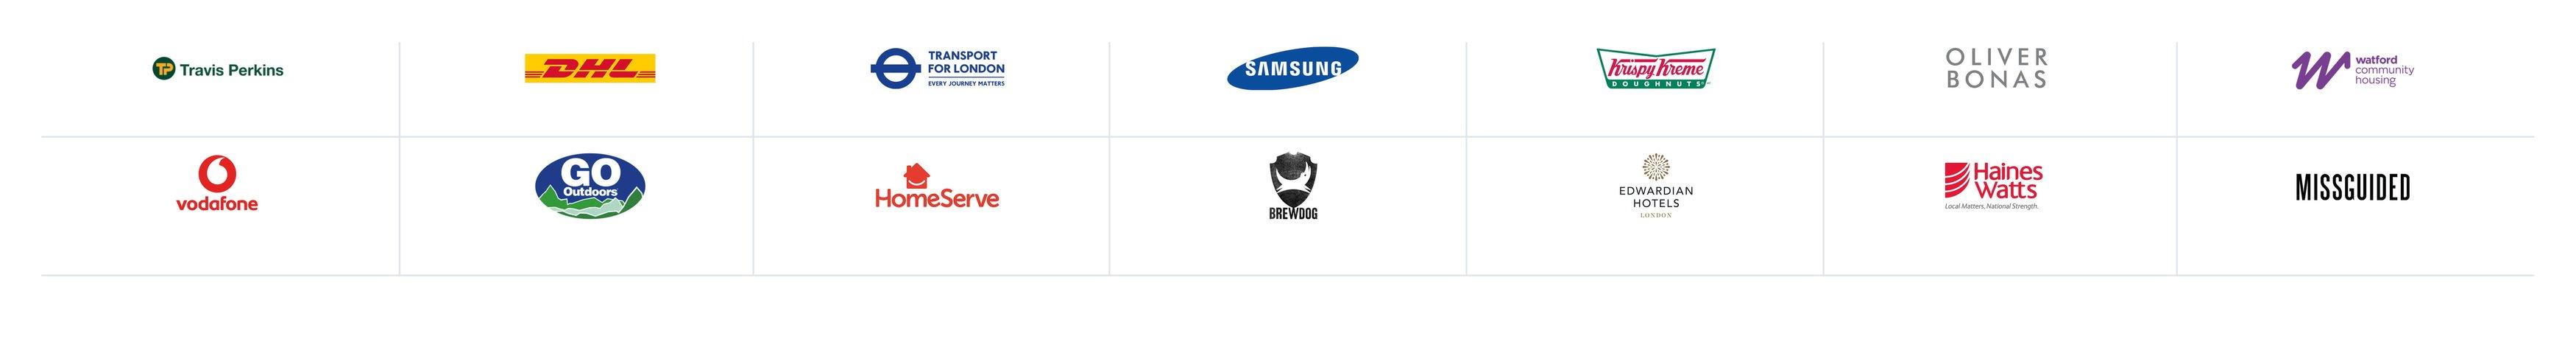 logo-bank-reward-gateway-clients